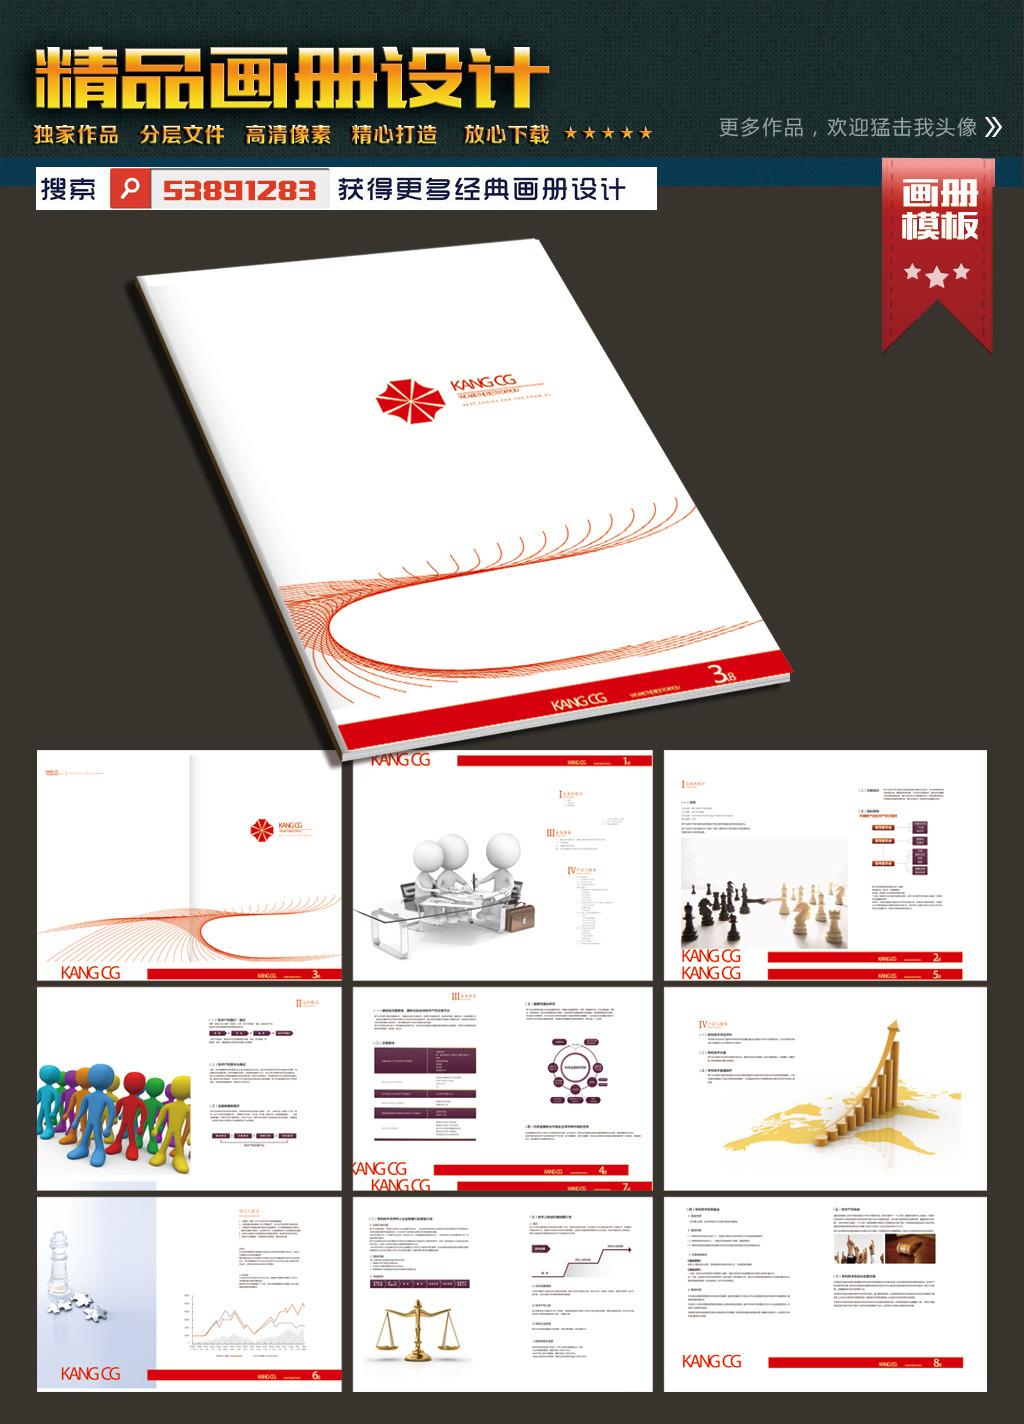 企业画册公司产品宣传册企业文化手册模板下载 企业画册公司产品宣传图片